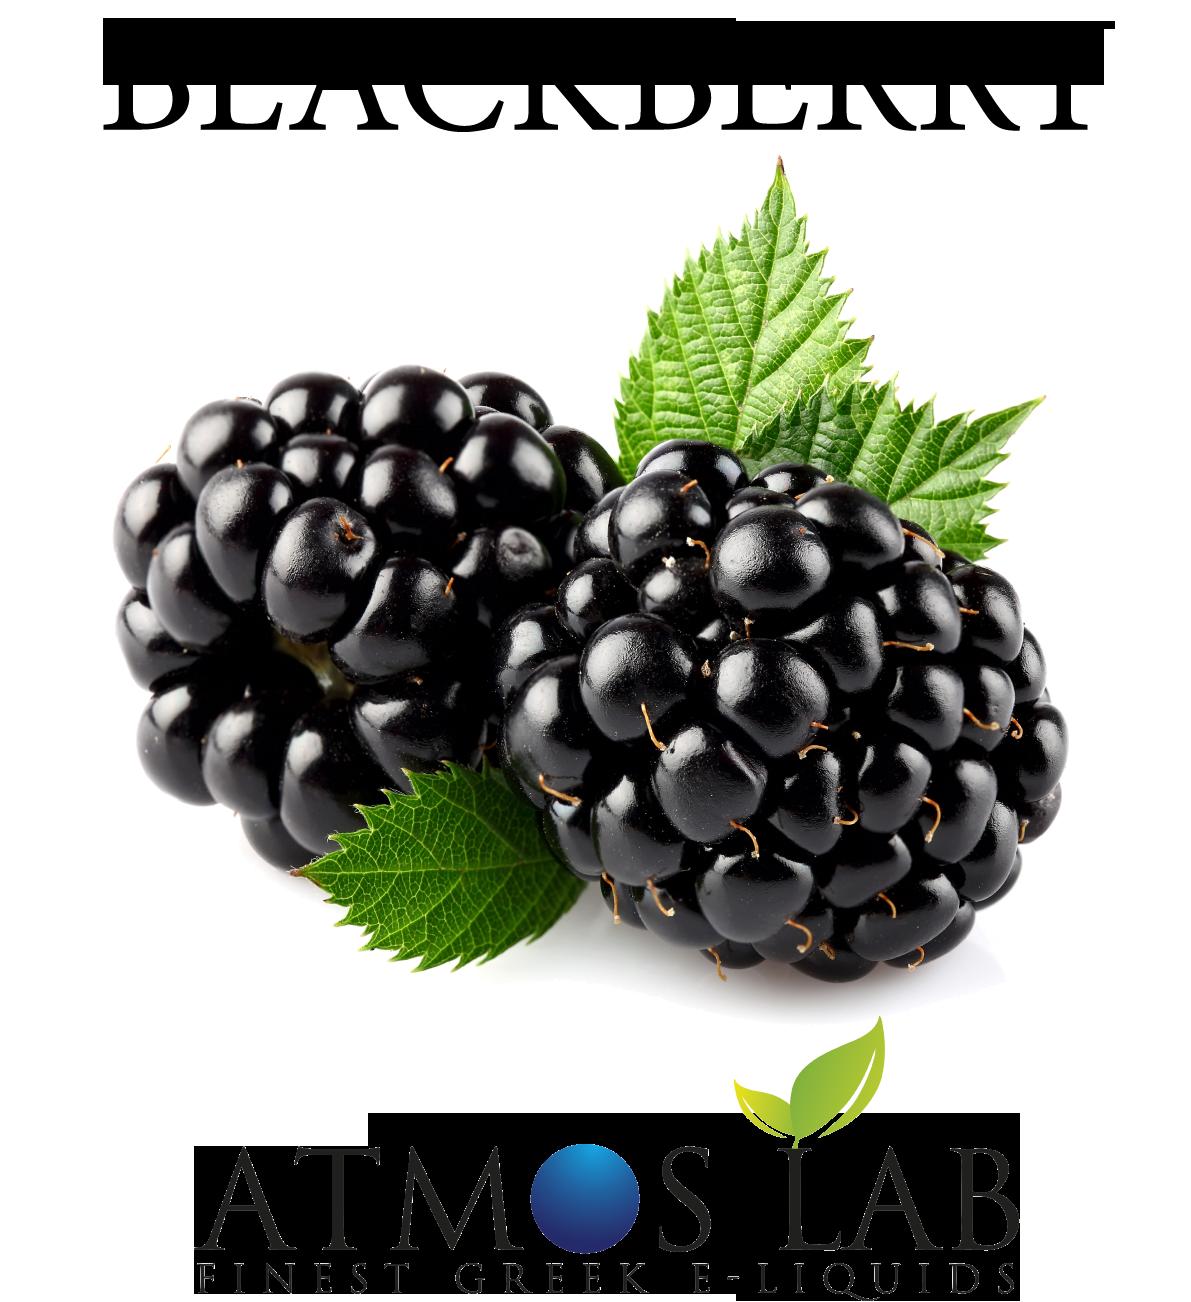 Ostružina / Blackberry - Příchuť AtmosLab 10ml Kategorie: Ovocné, Příchuť: Ovocná - Blackberry, Množství: 10ml